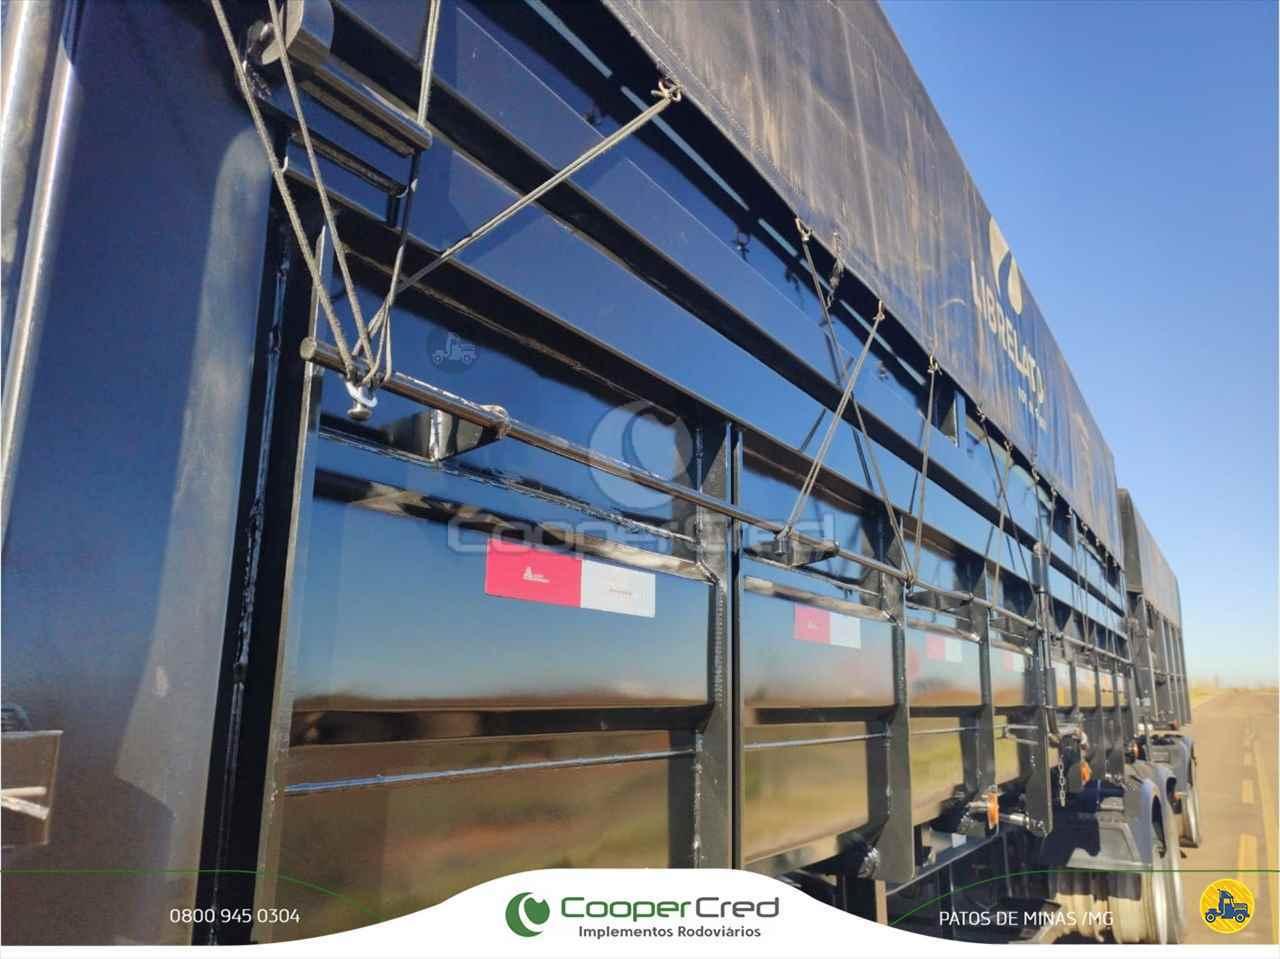 BITREM BASCULANTE  2018/2018 Cooper Cred Implementos Rodoviários MG